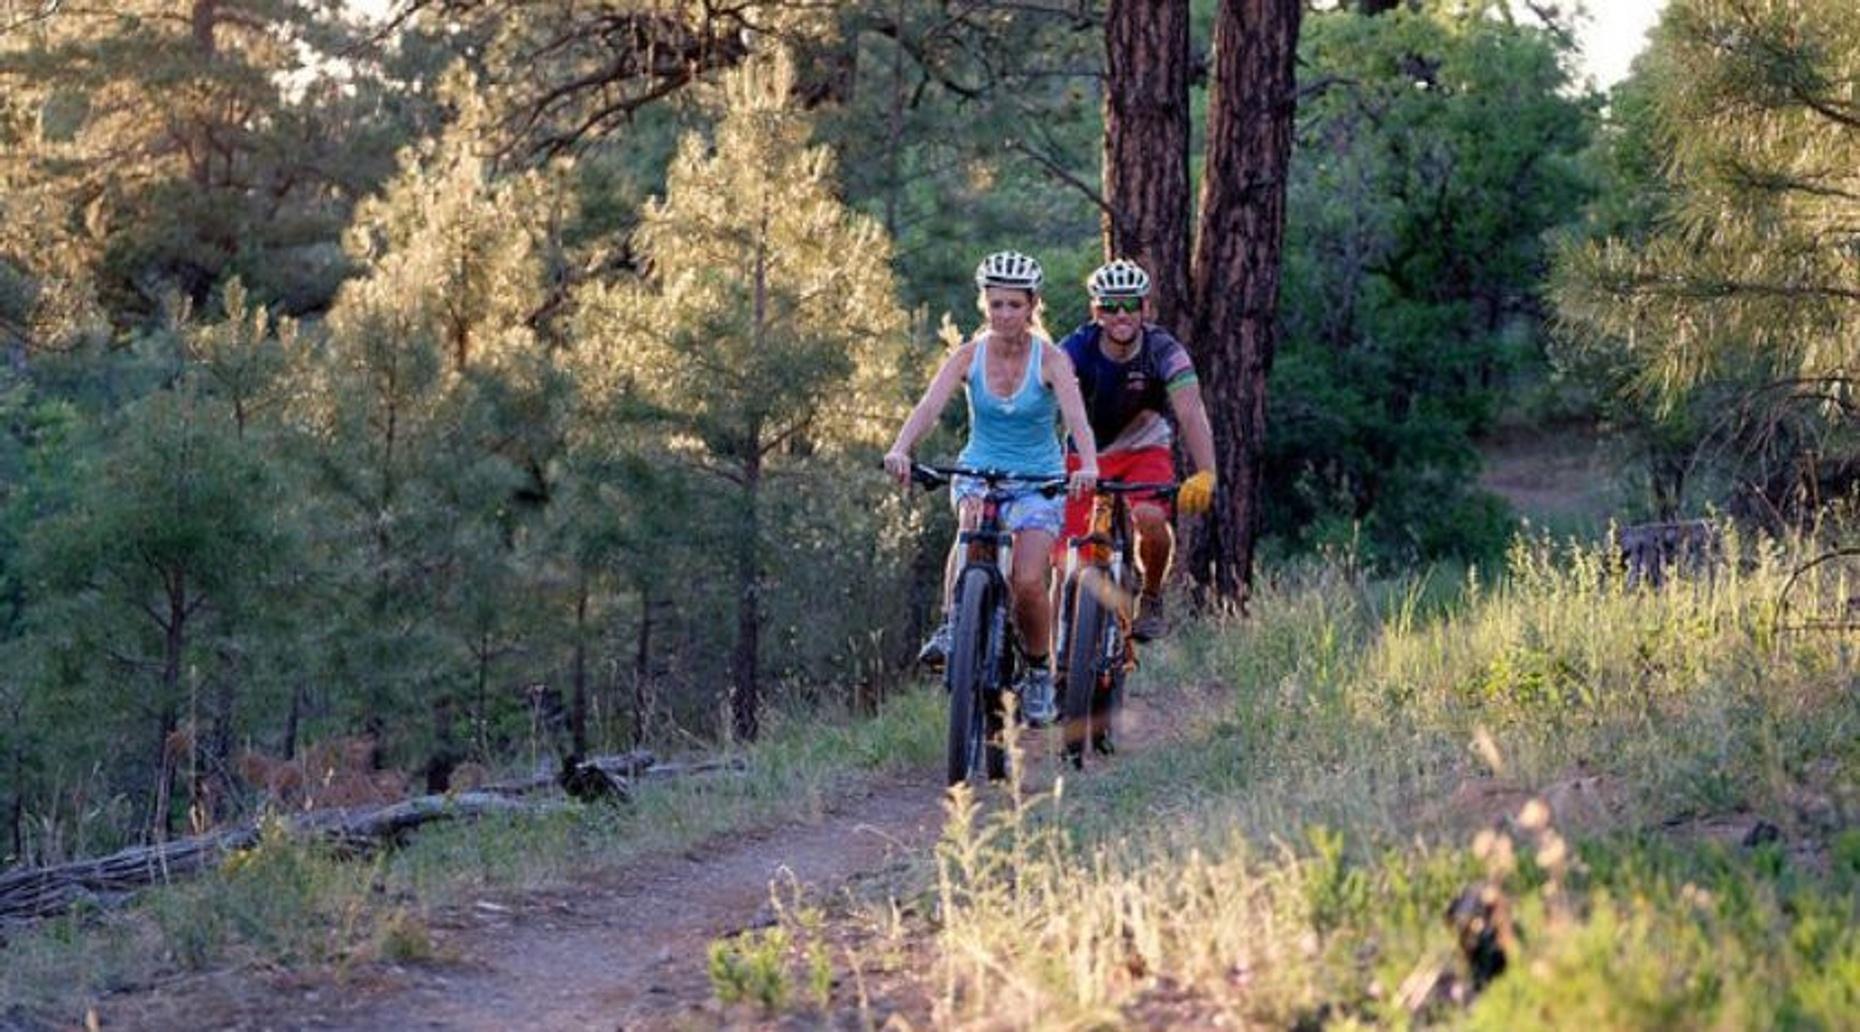 Half-Day Mountain Biking in CottonWood Valley